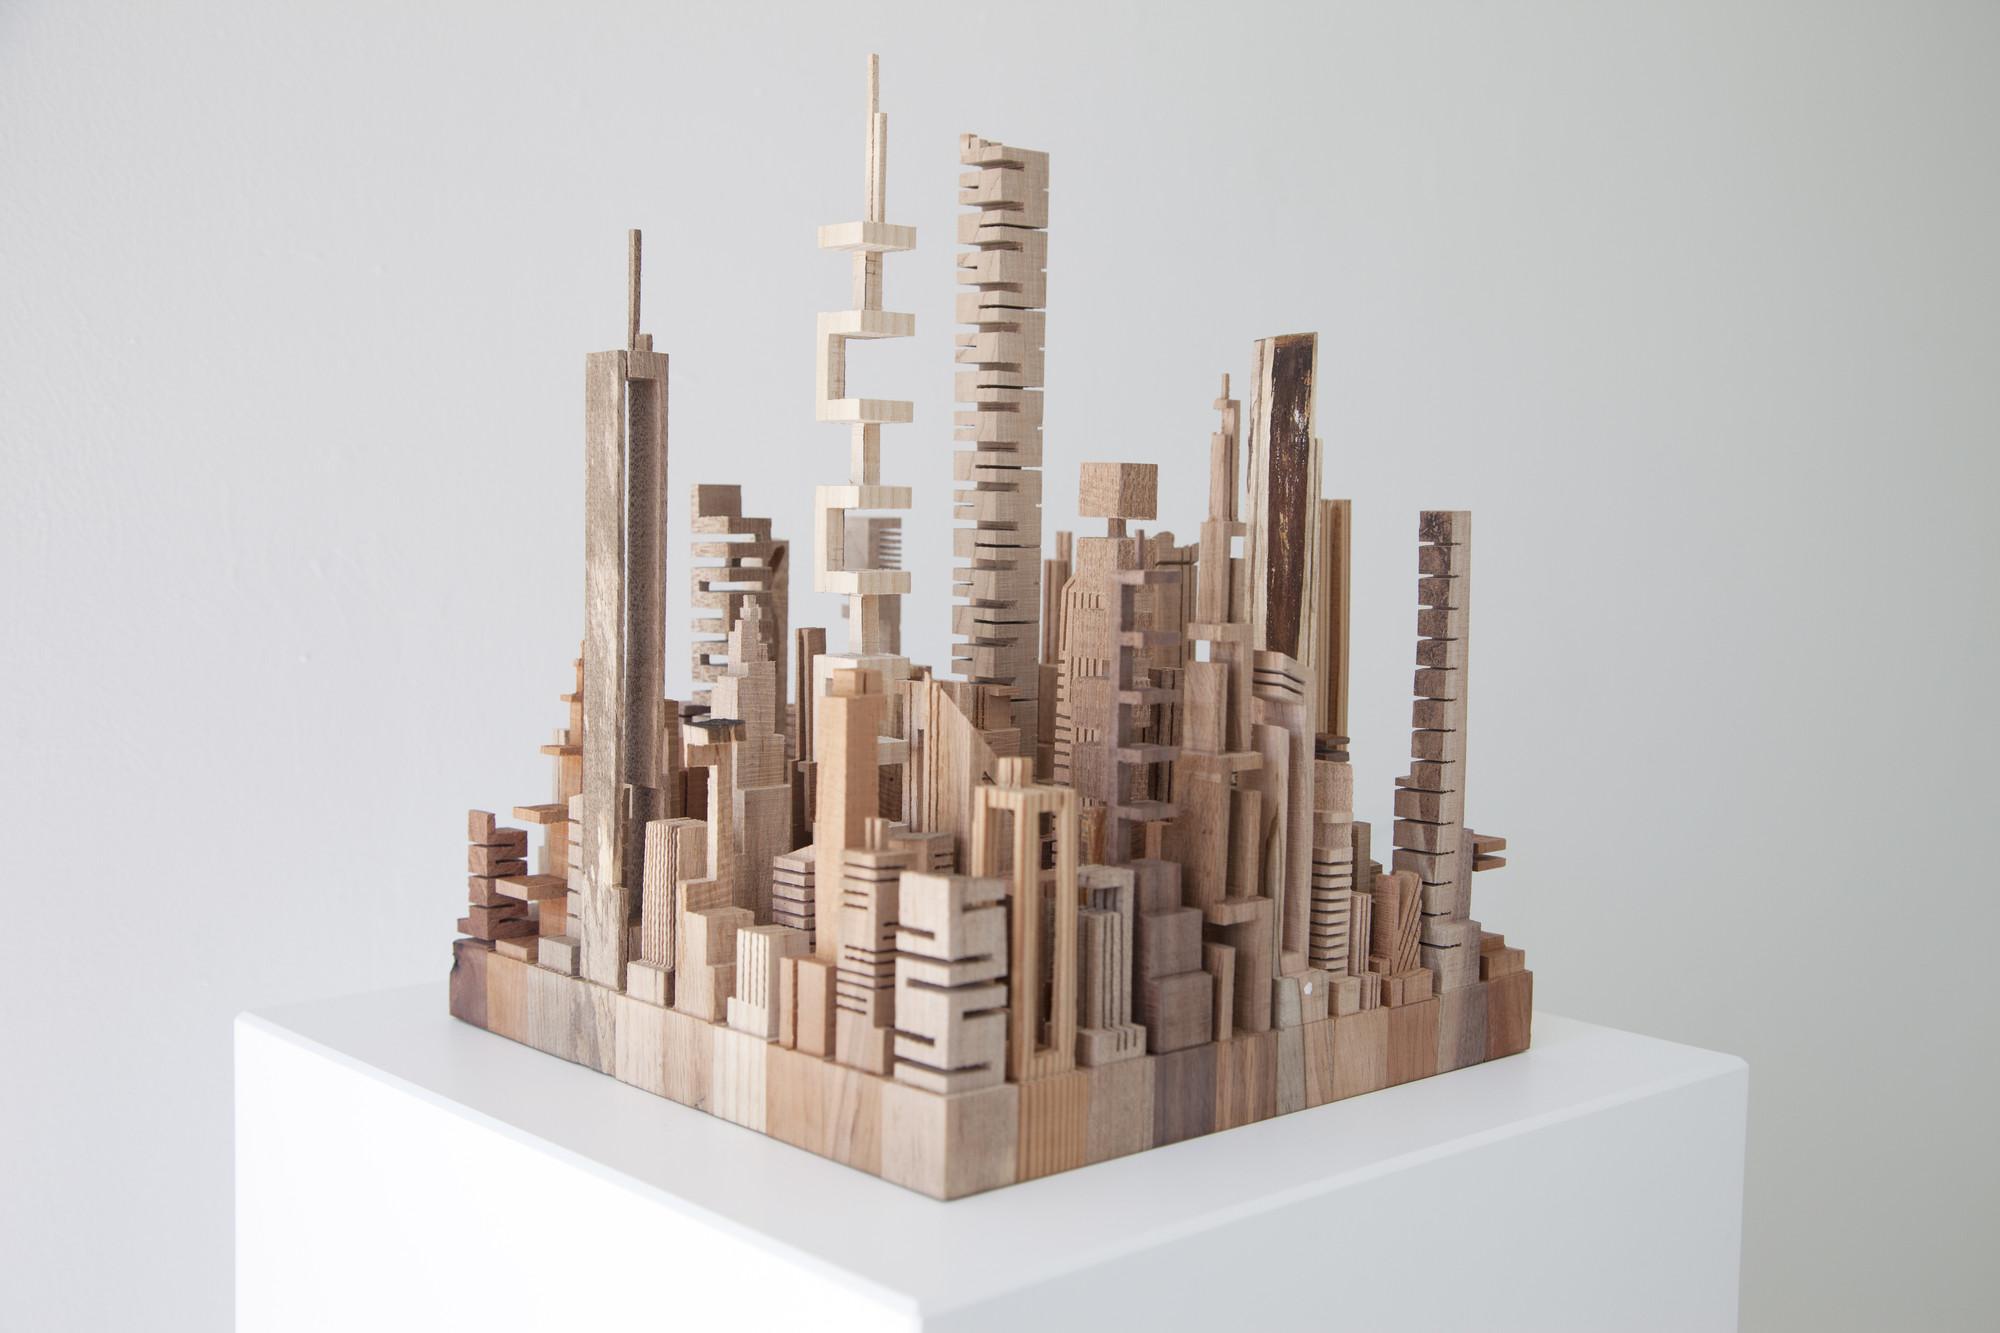 Arte y Arquitectura: Ciudades y paisajes urbanos construidos con desechos de madera, ©  Aurelie Laurent / Petit Jules